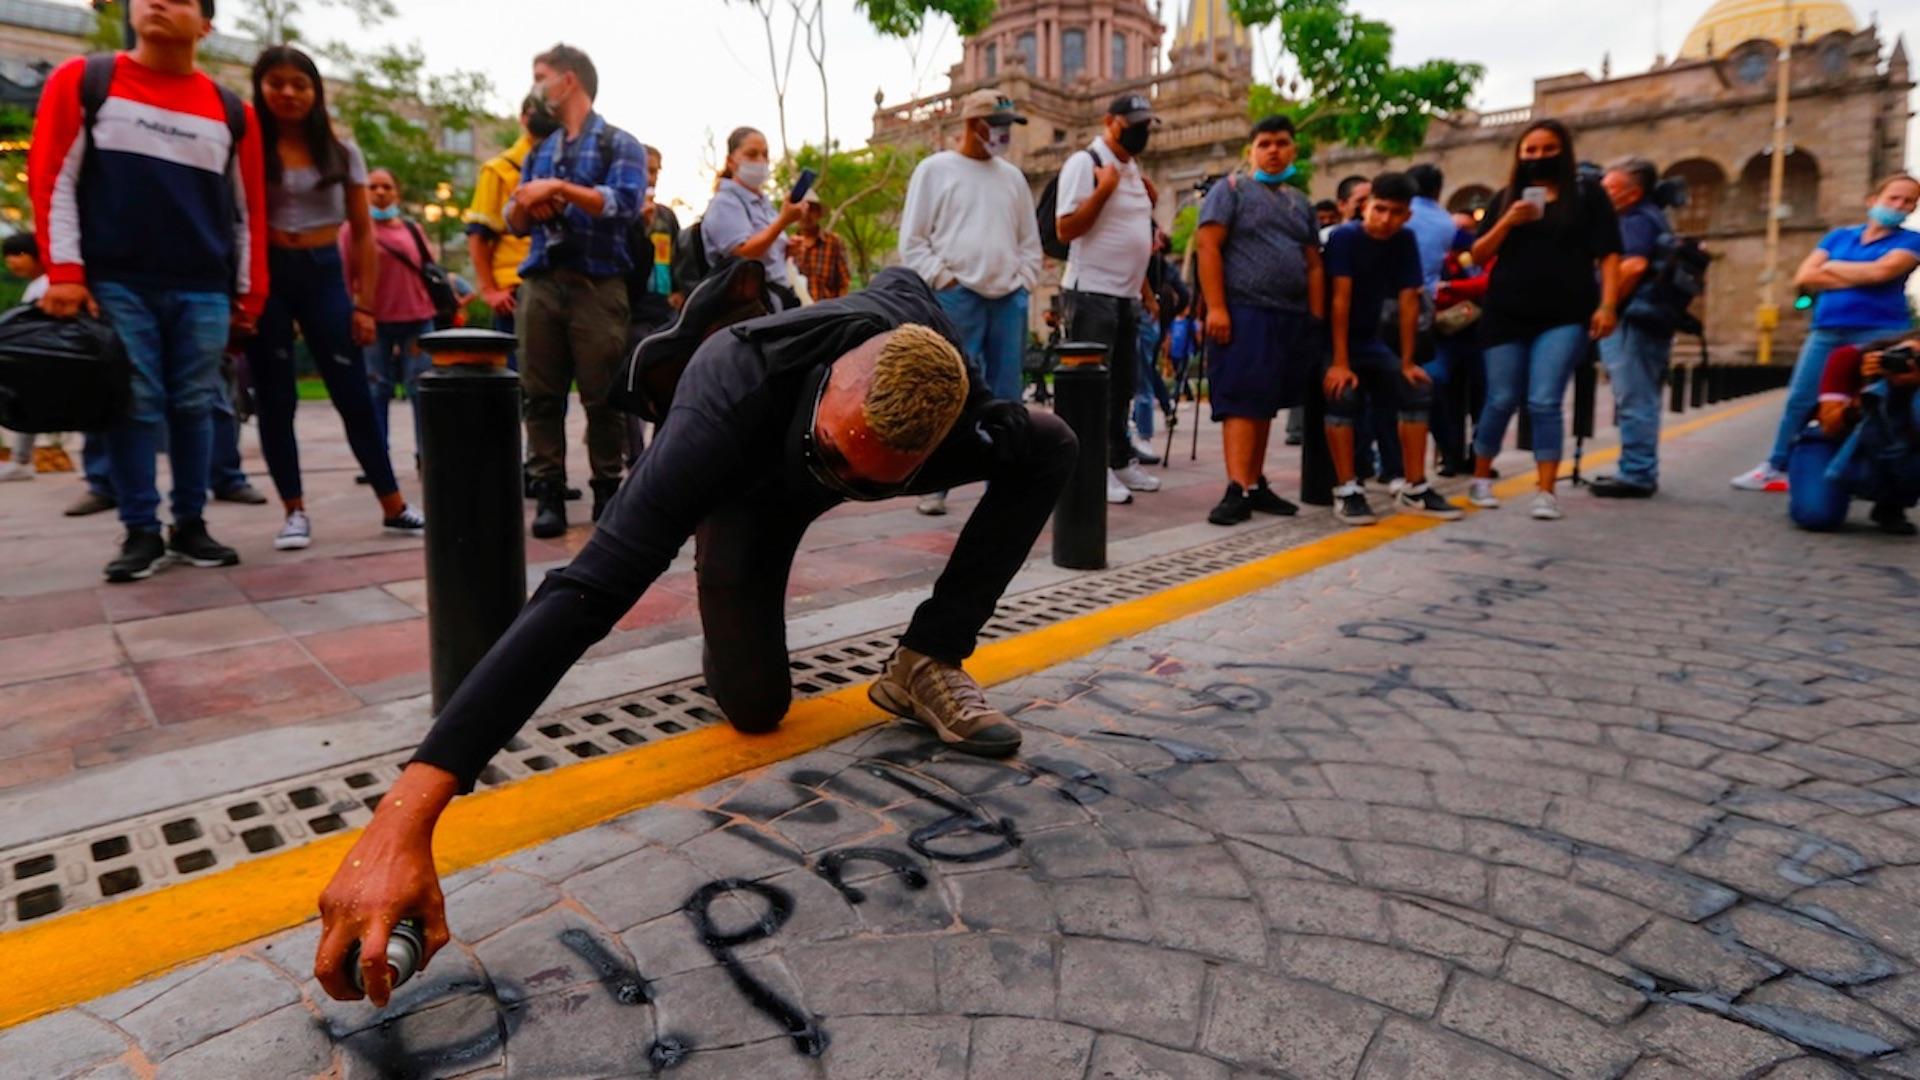 Protestan contra la represión policial por la muerte de un detenido en Jalisco. Foto de EFE